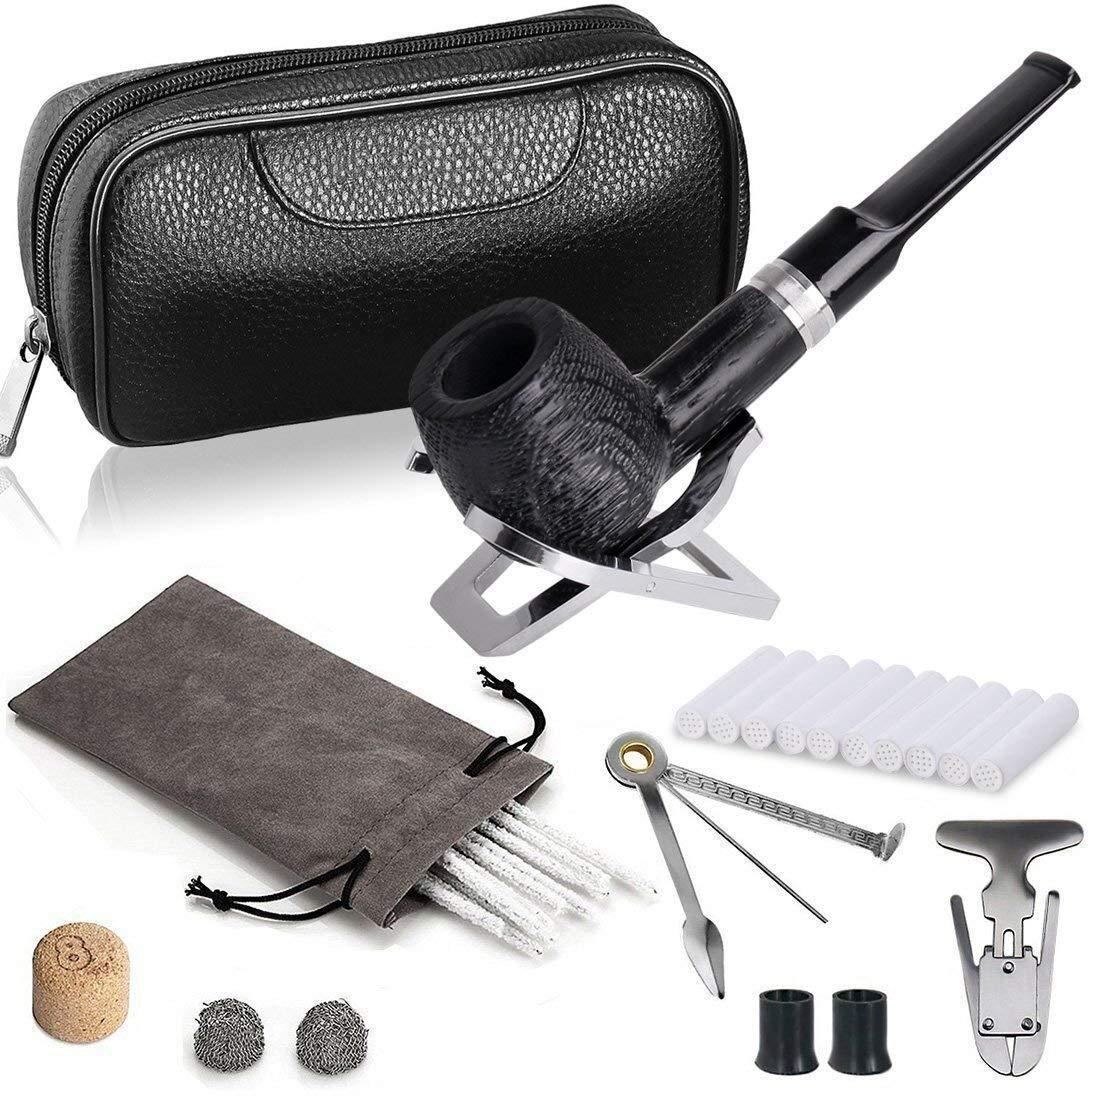 DIMJ Tabacco Pipa Kit - Quercia Tabacco Pipa con Pelle Portatabacco, Acciaio Inossidabile Pipa Supporto e Pipa Accessori Joyoldelf